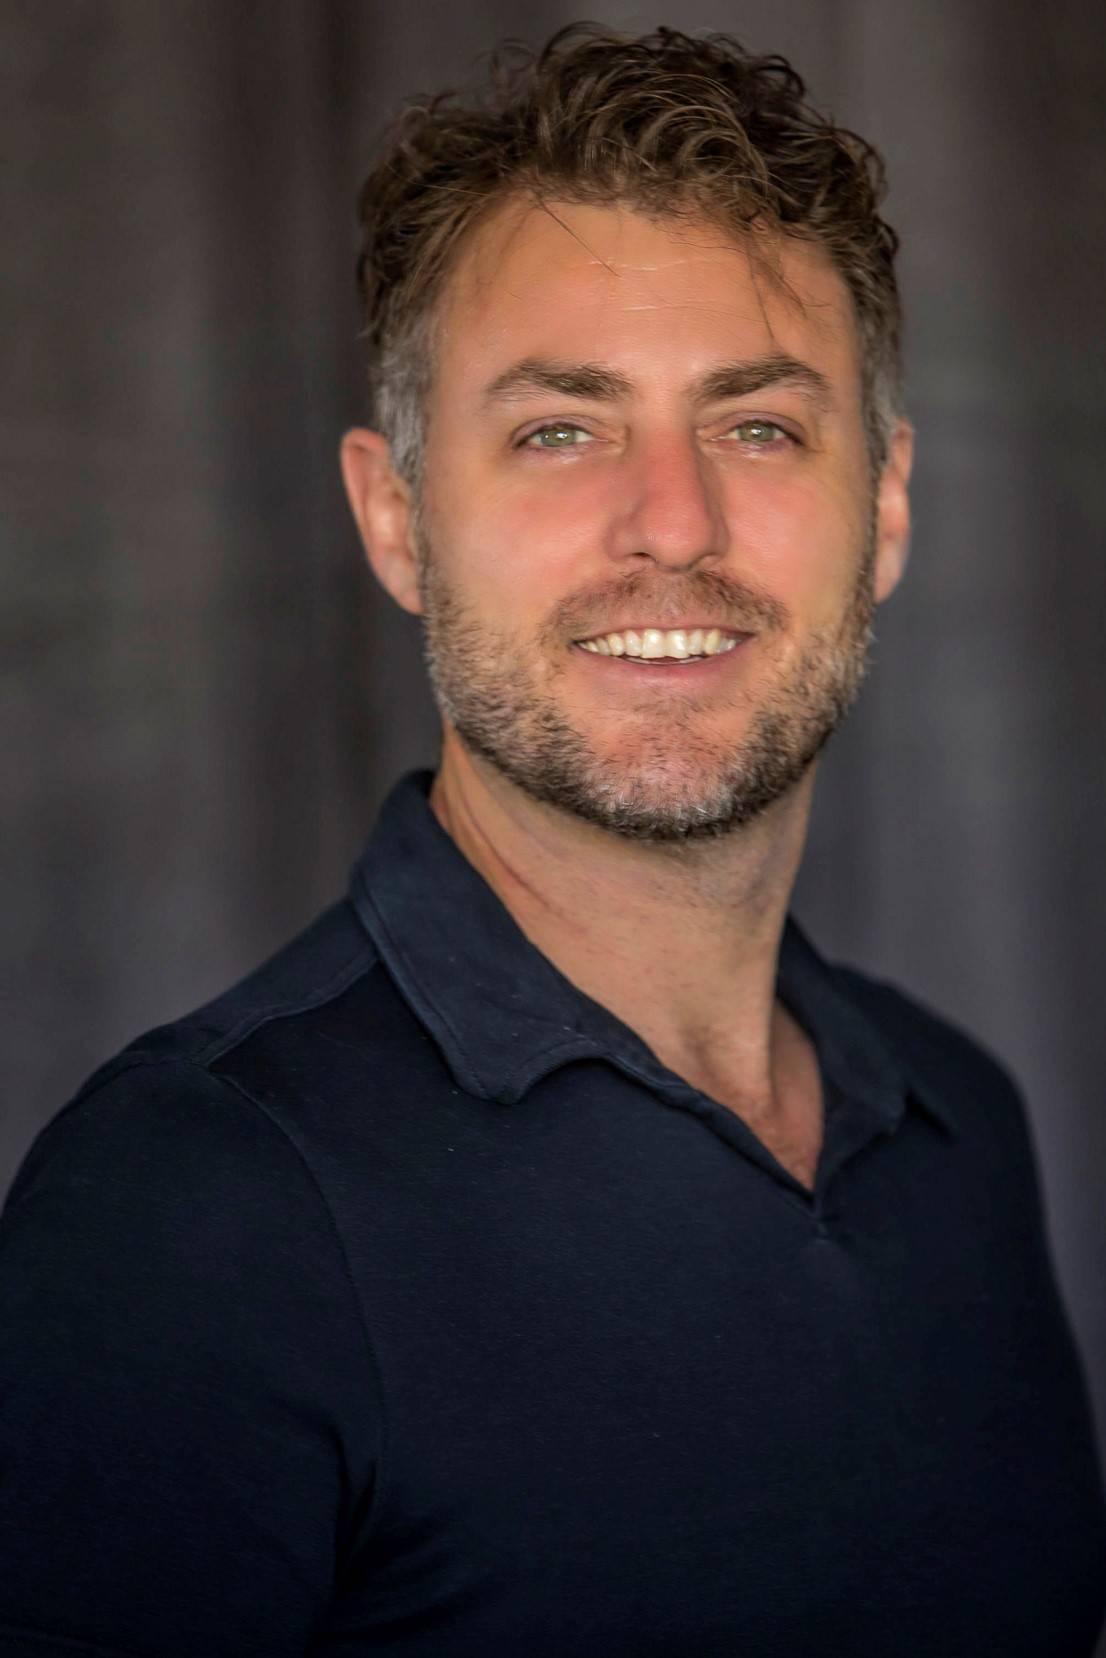 Alan Schroepfer